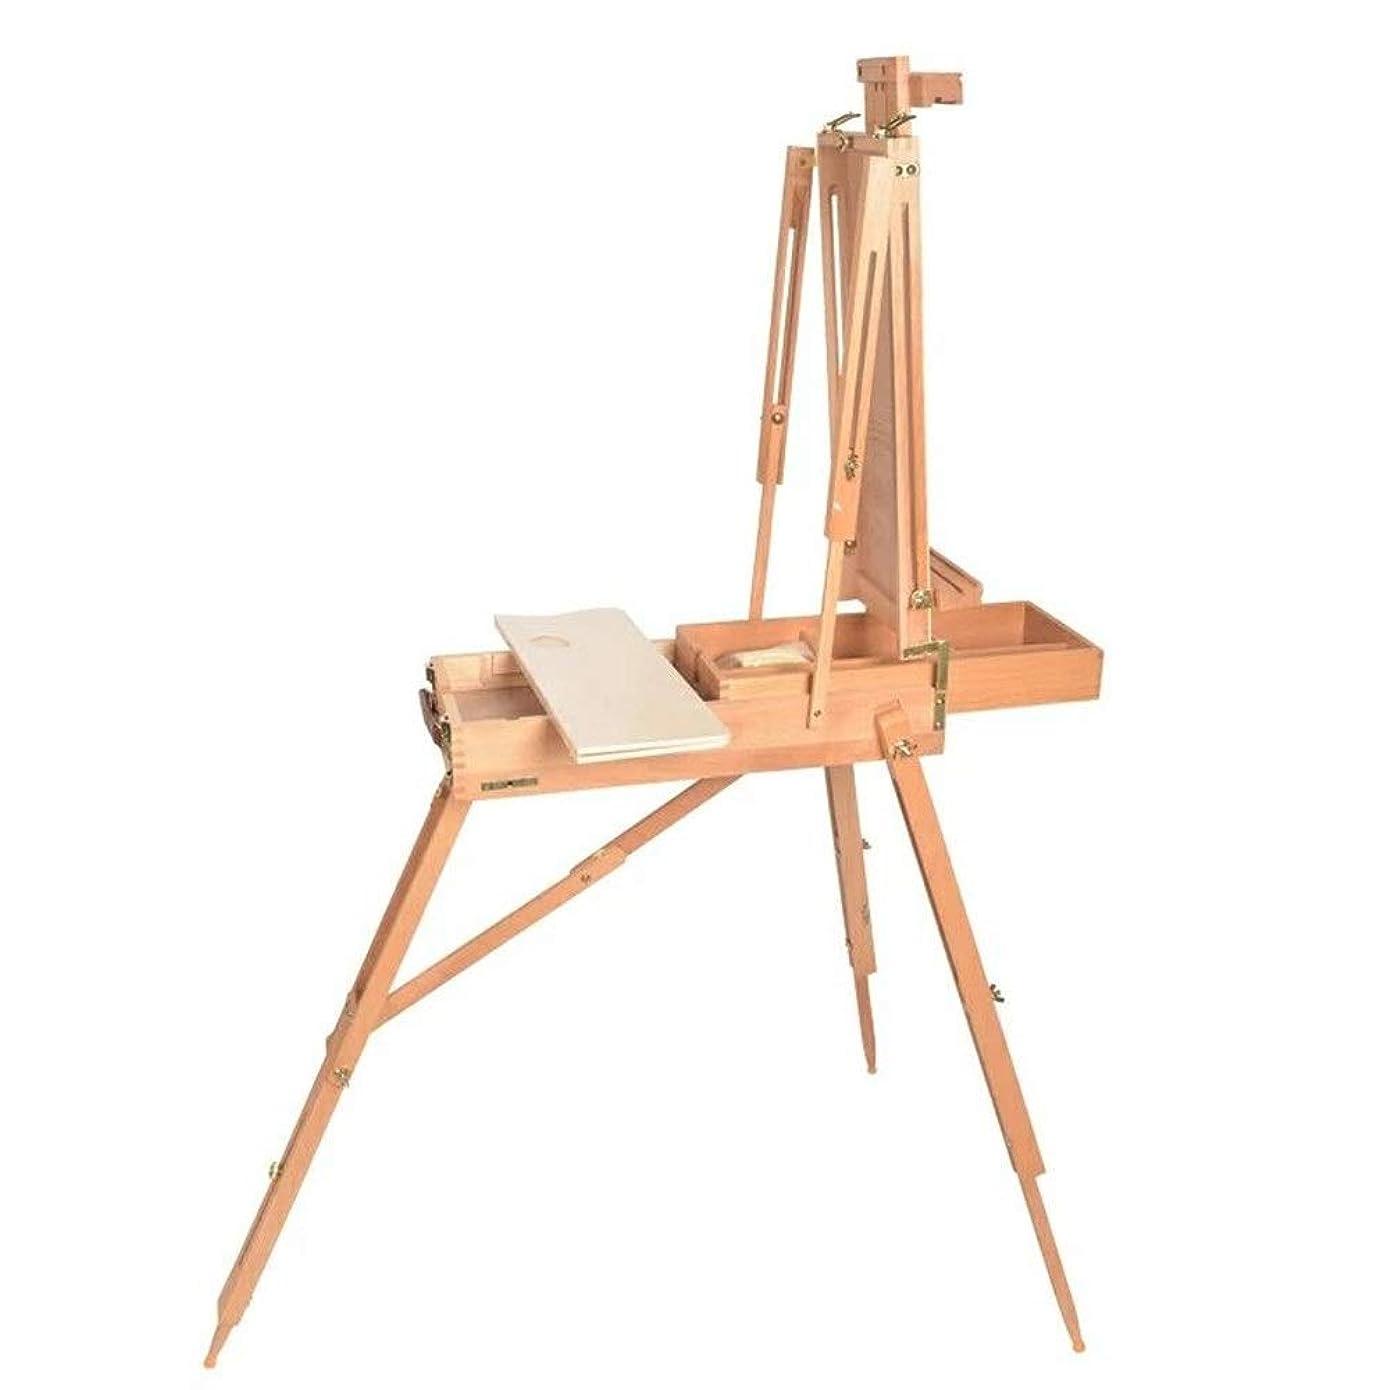 ボクシングドアミラー戸棚木製イーゼル スケッチボックスポータブルスケッチ描画するためのイーゼルポータブル頑丈なホルダースタンド理想の絵画芸術と絵画とイーゼル 使いやすい (色 : Natural, Size : A)